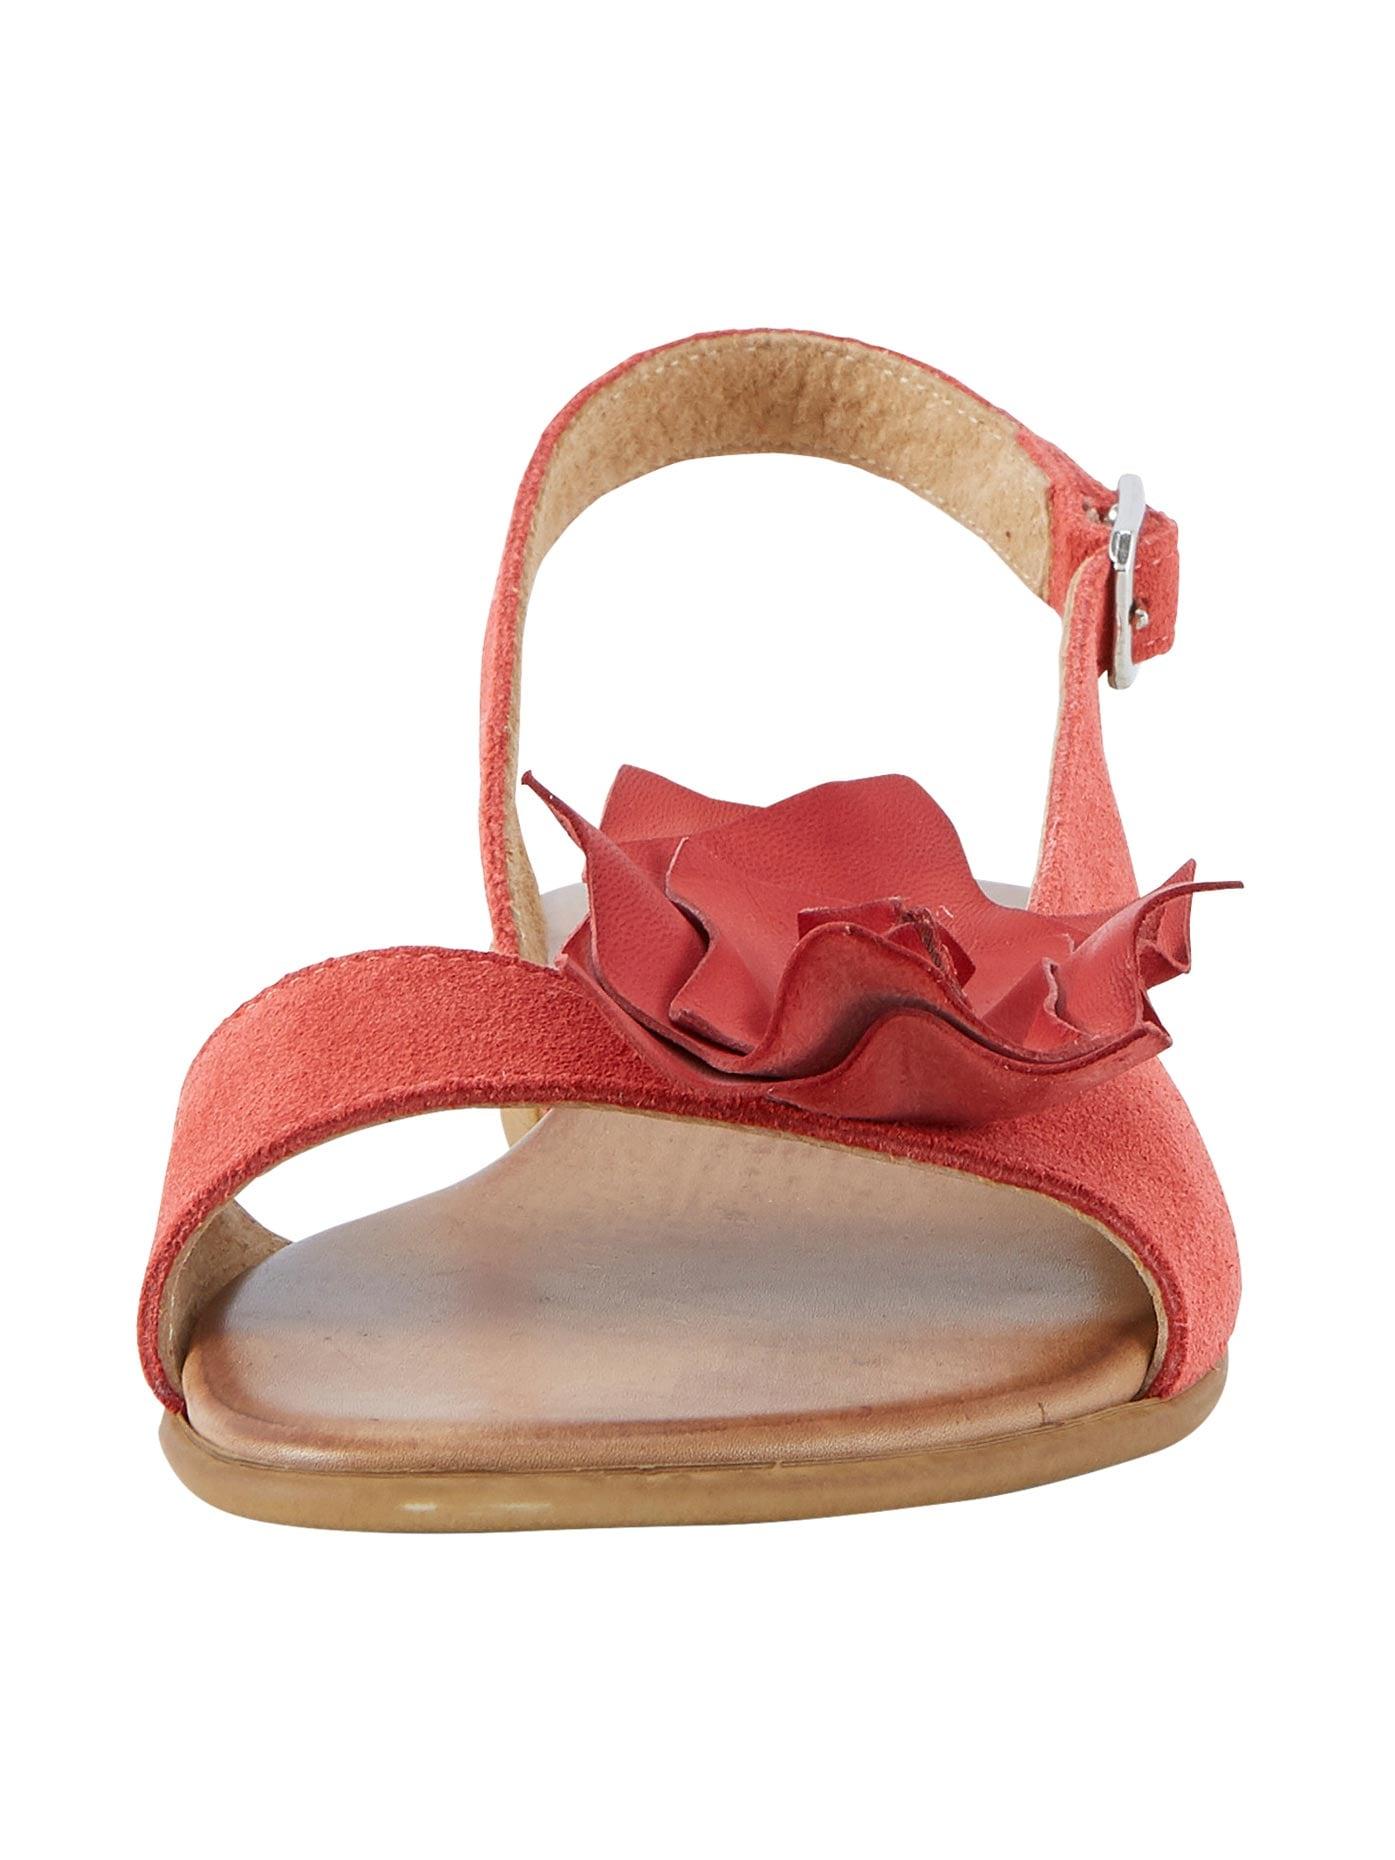 heine Sandalette rot Damen Sandaletten Sandalen